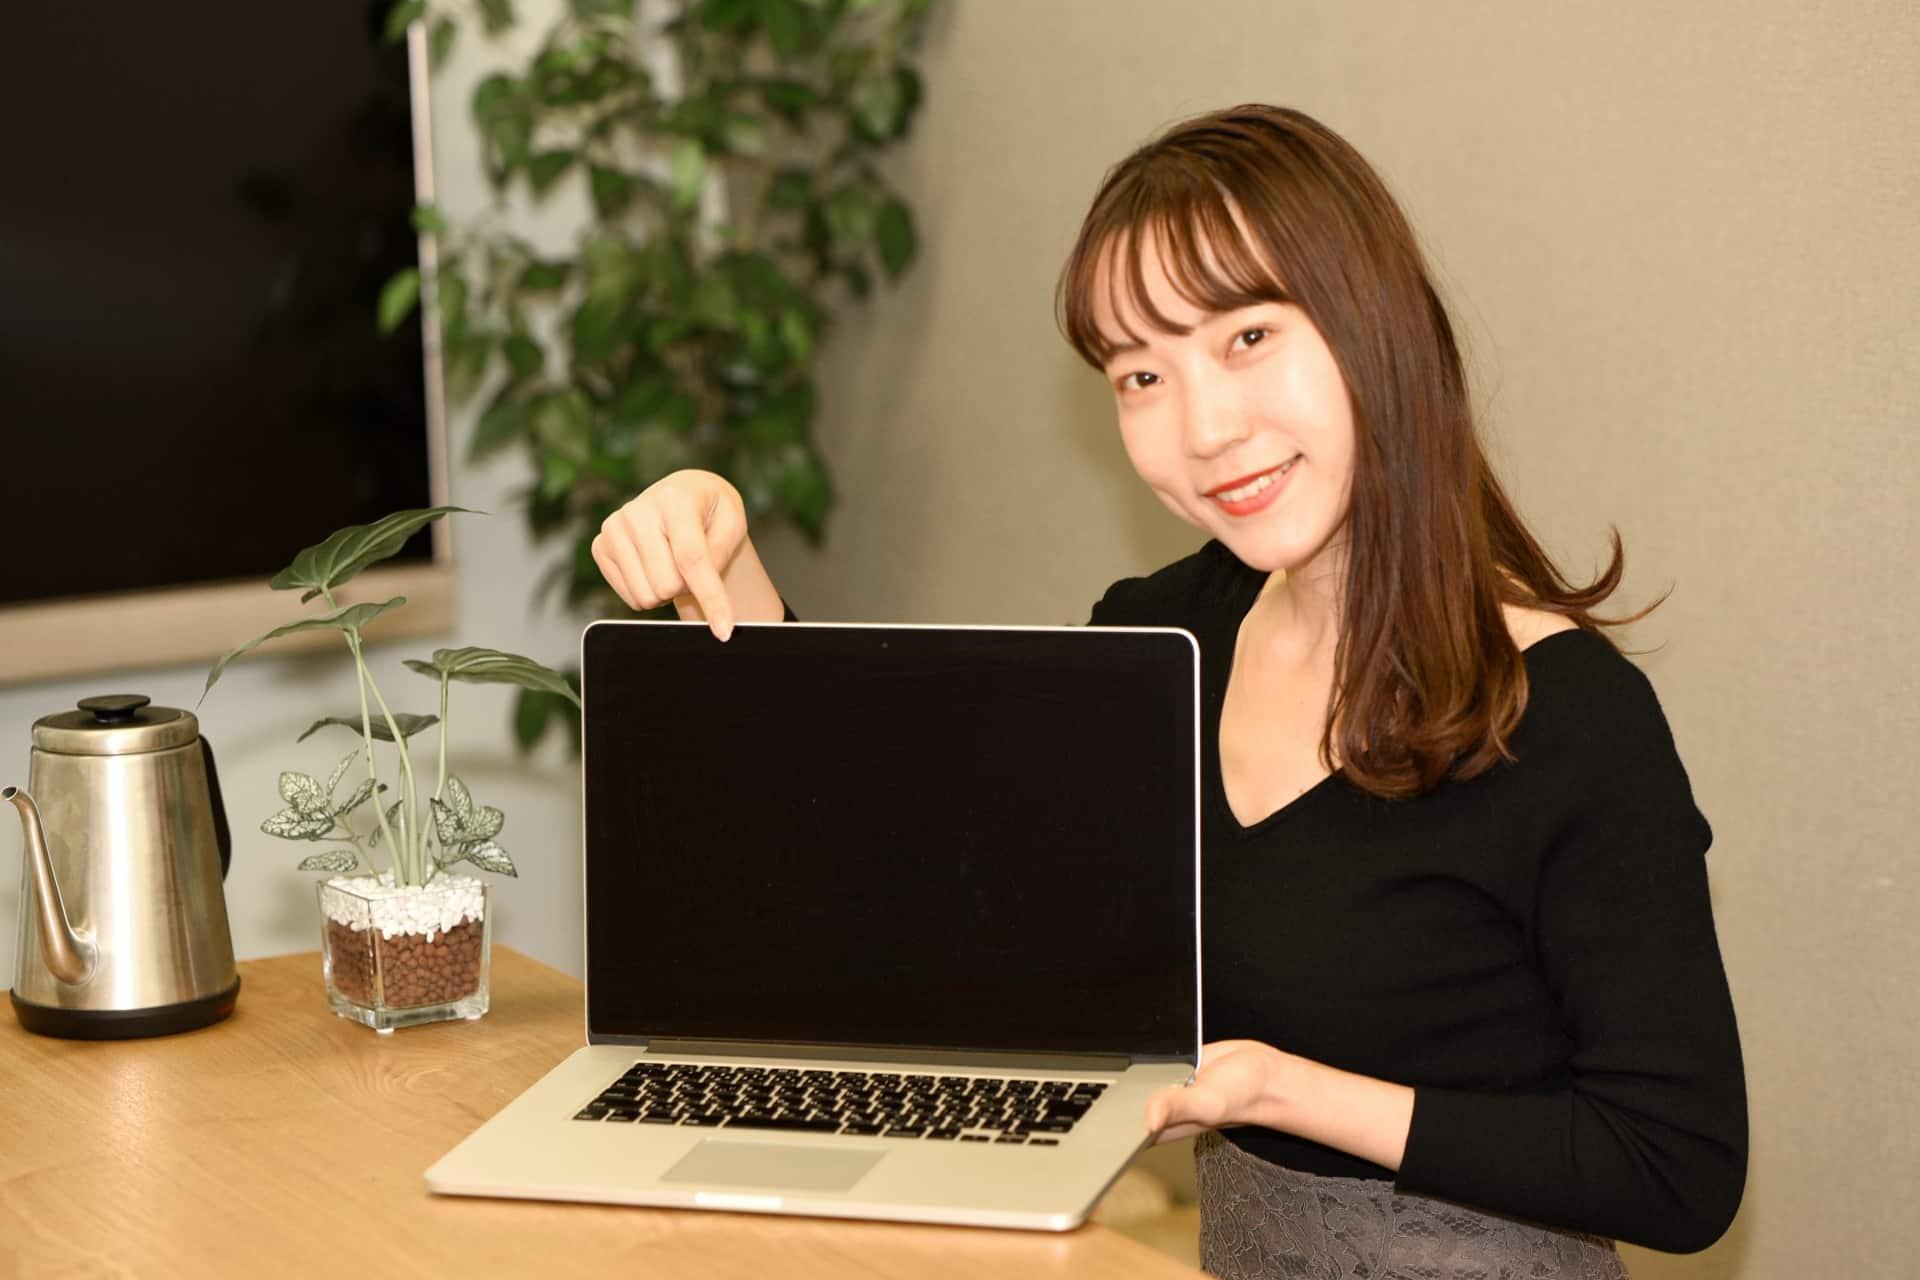 パソコンを紹介する女性の写真